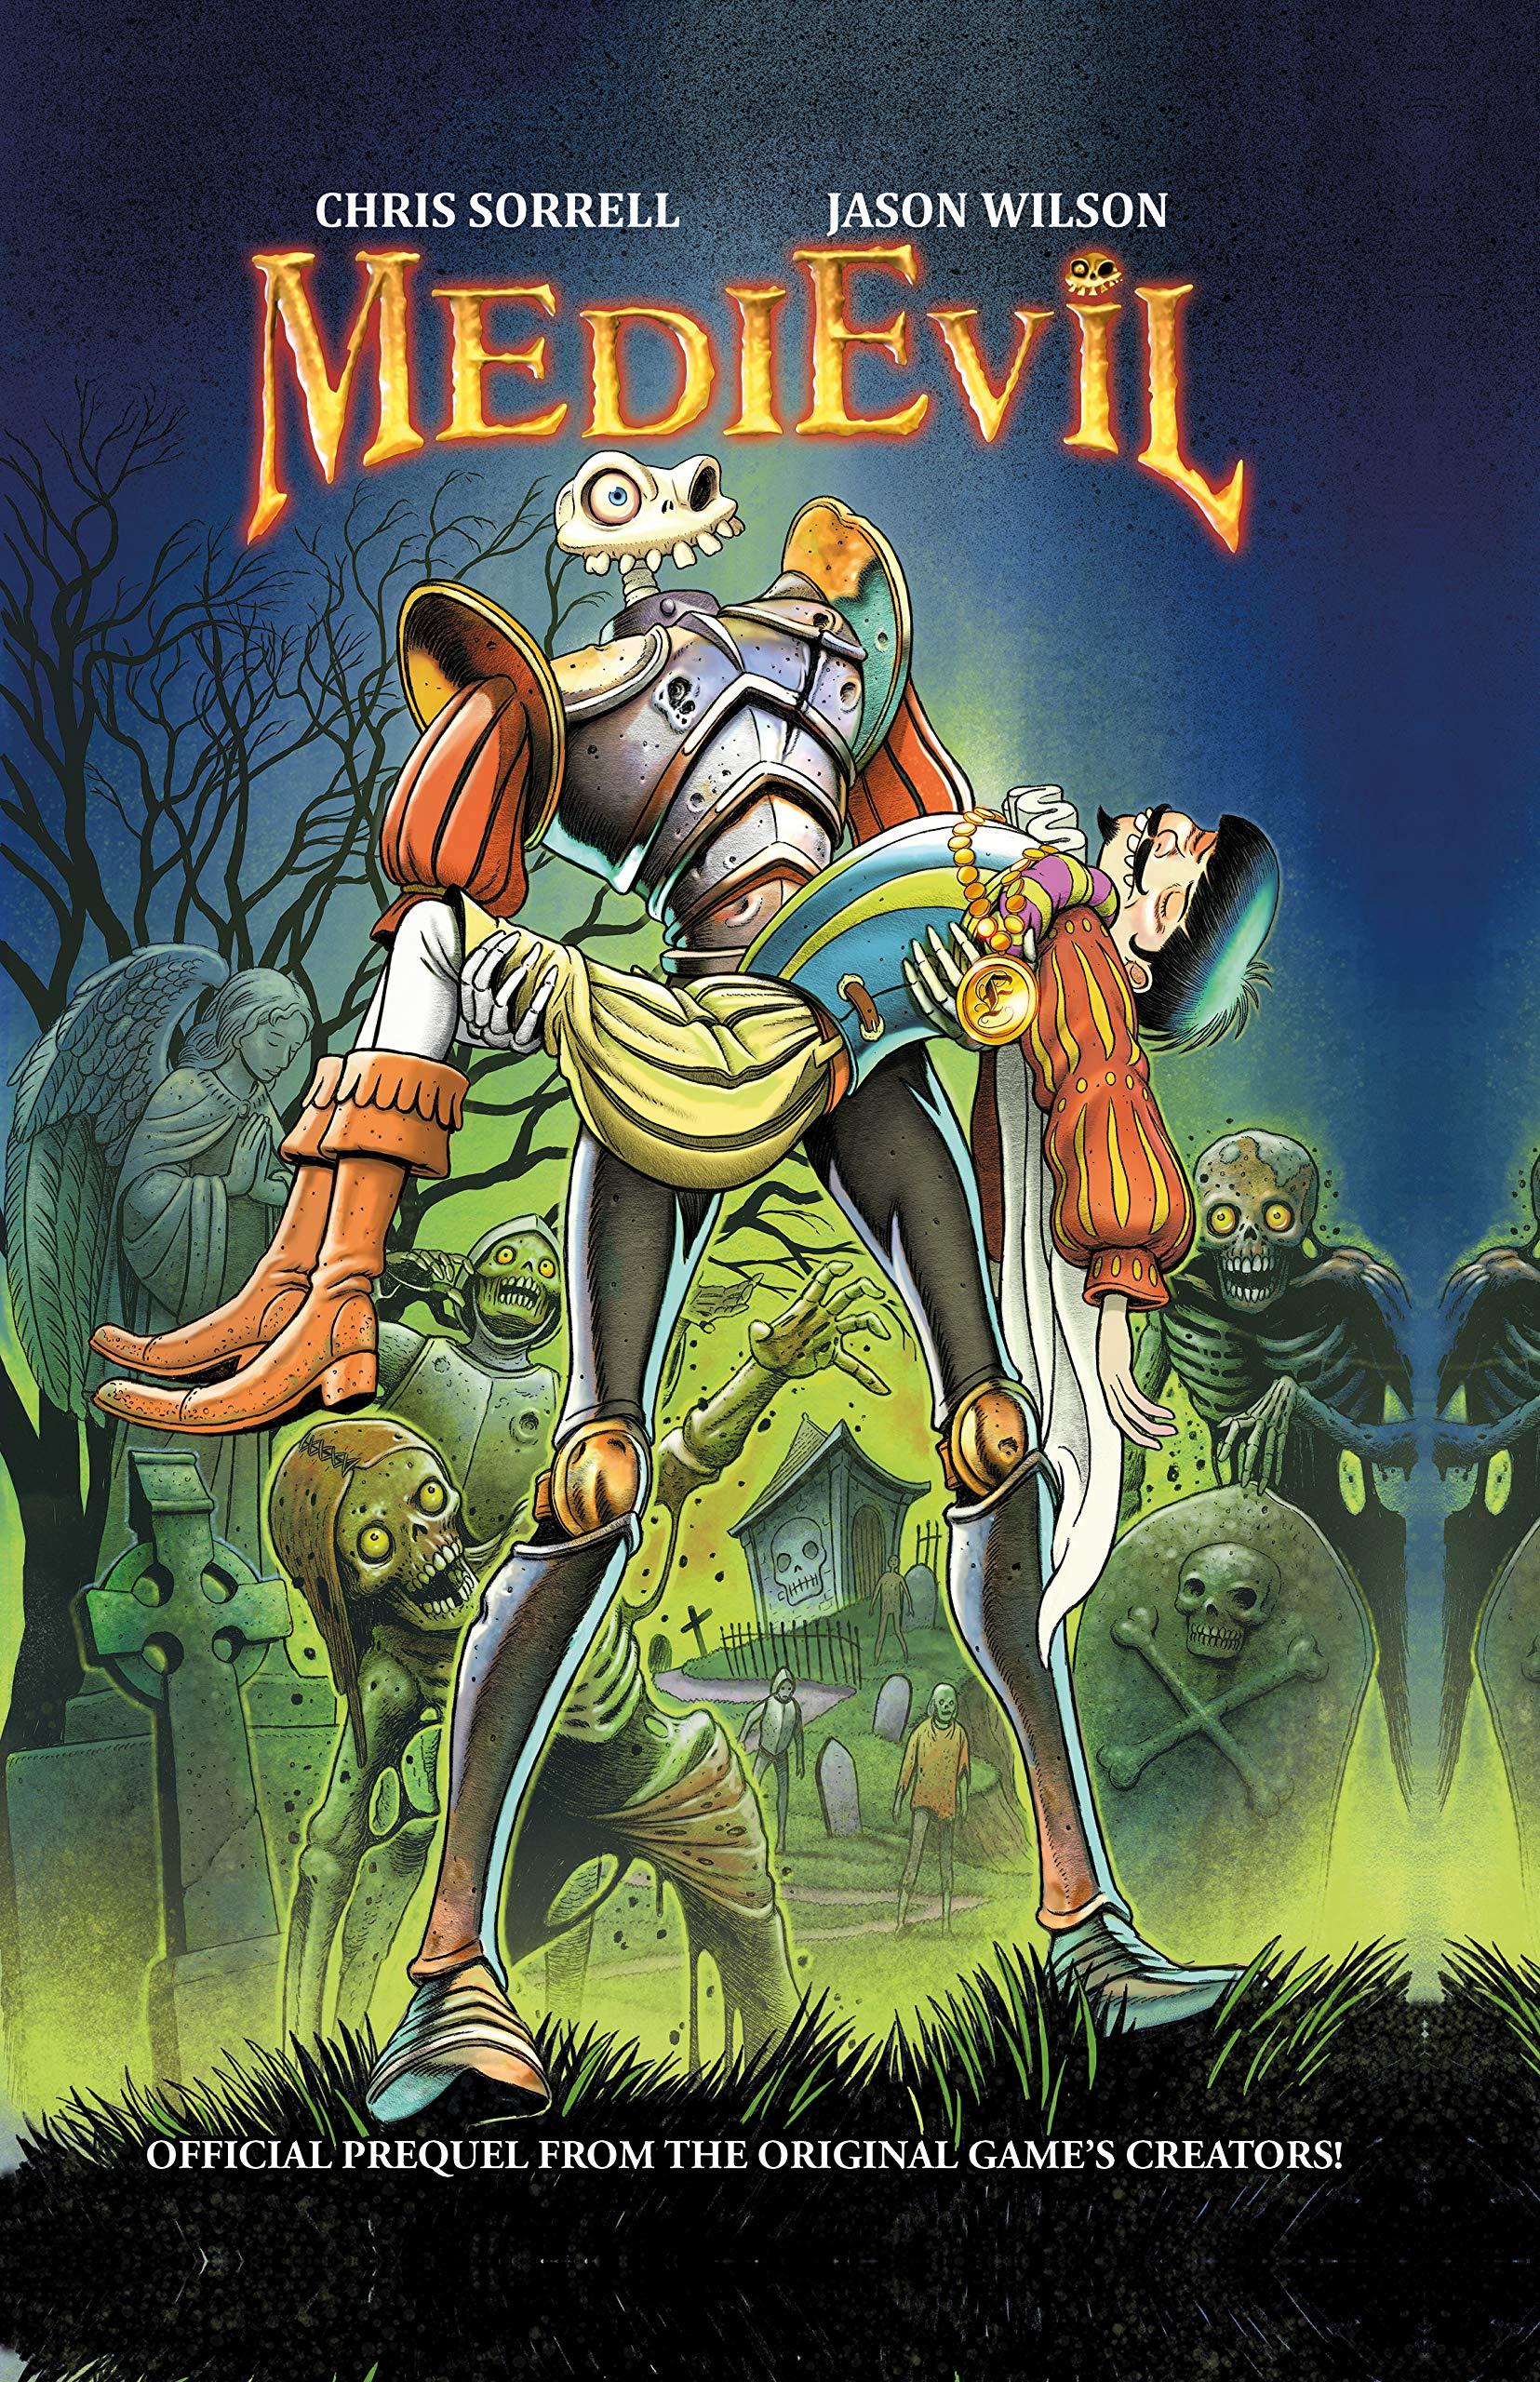 medievil komiks 1 - Niewydany MediEvil: Fate's Arrow na PS2 powróci w formie komiksu!